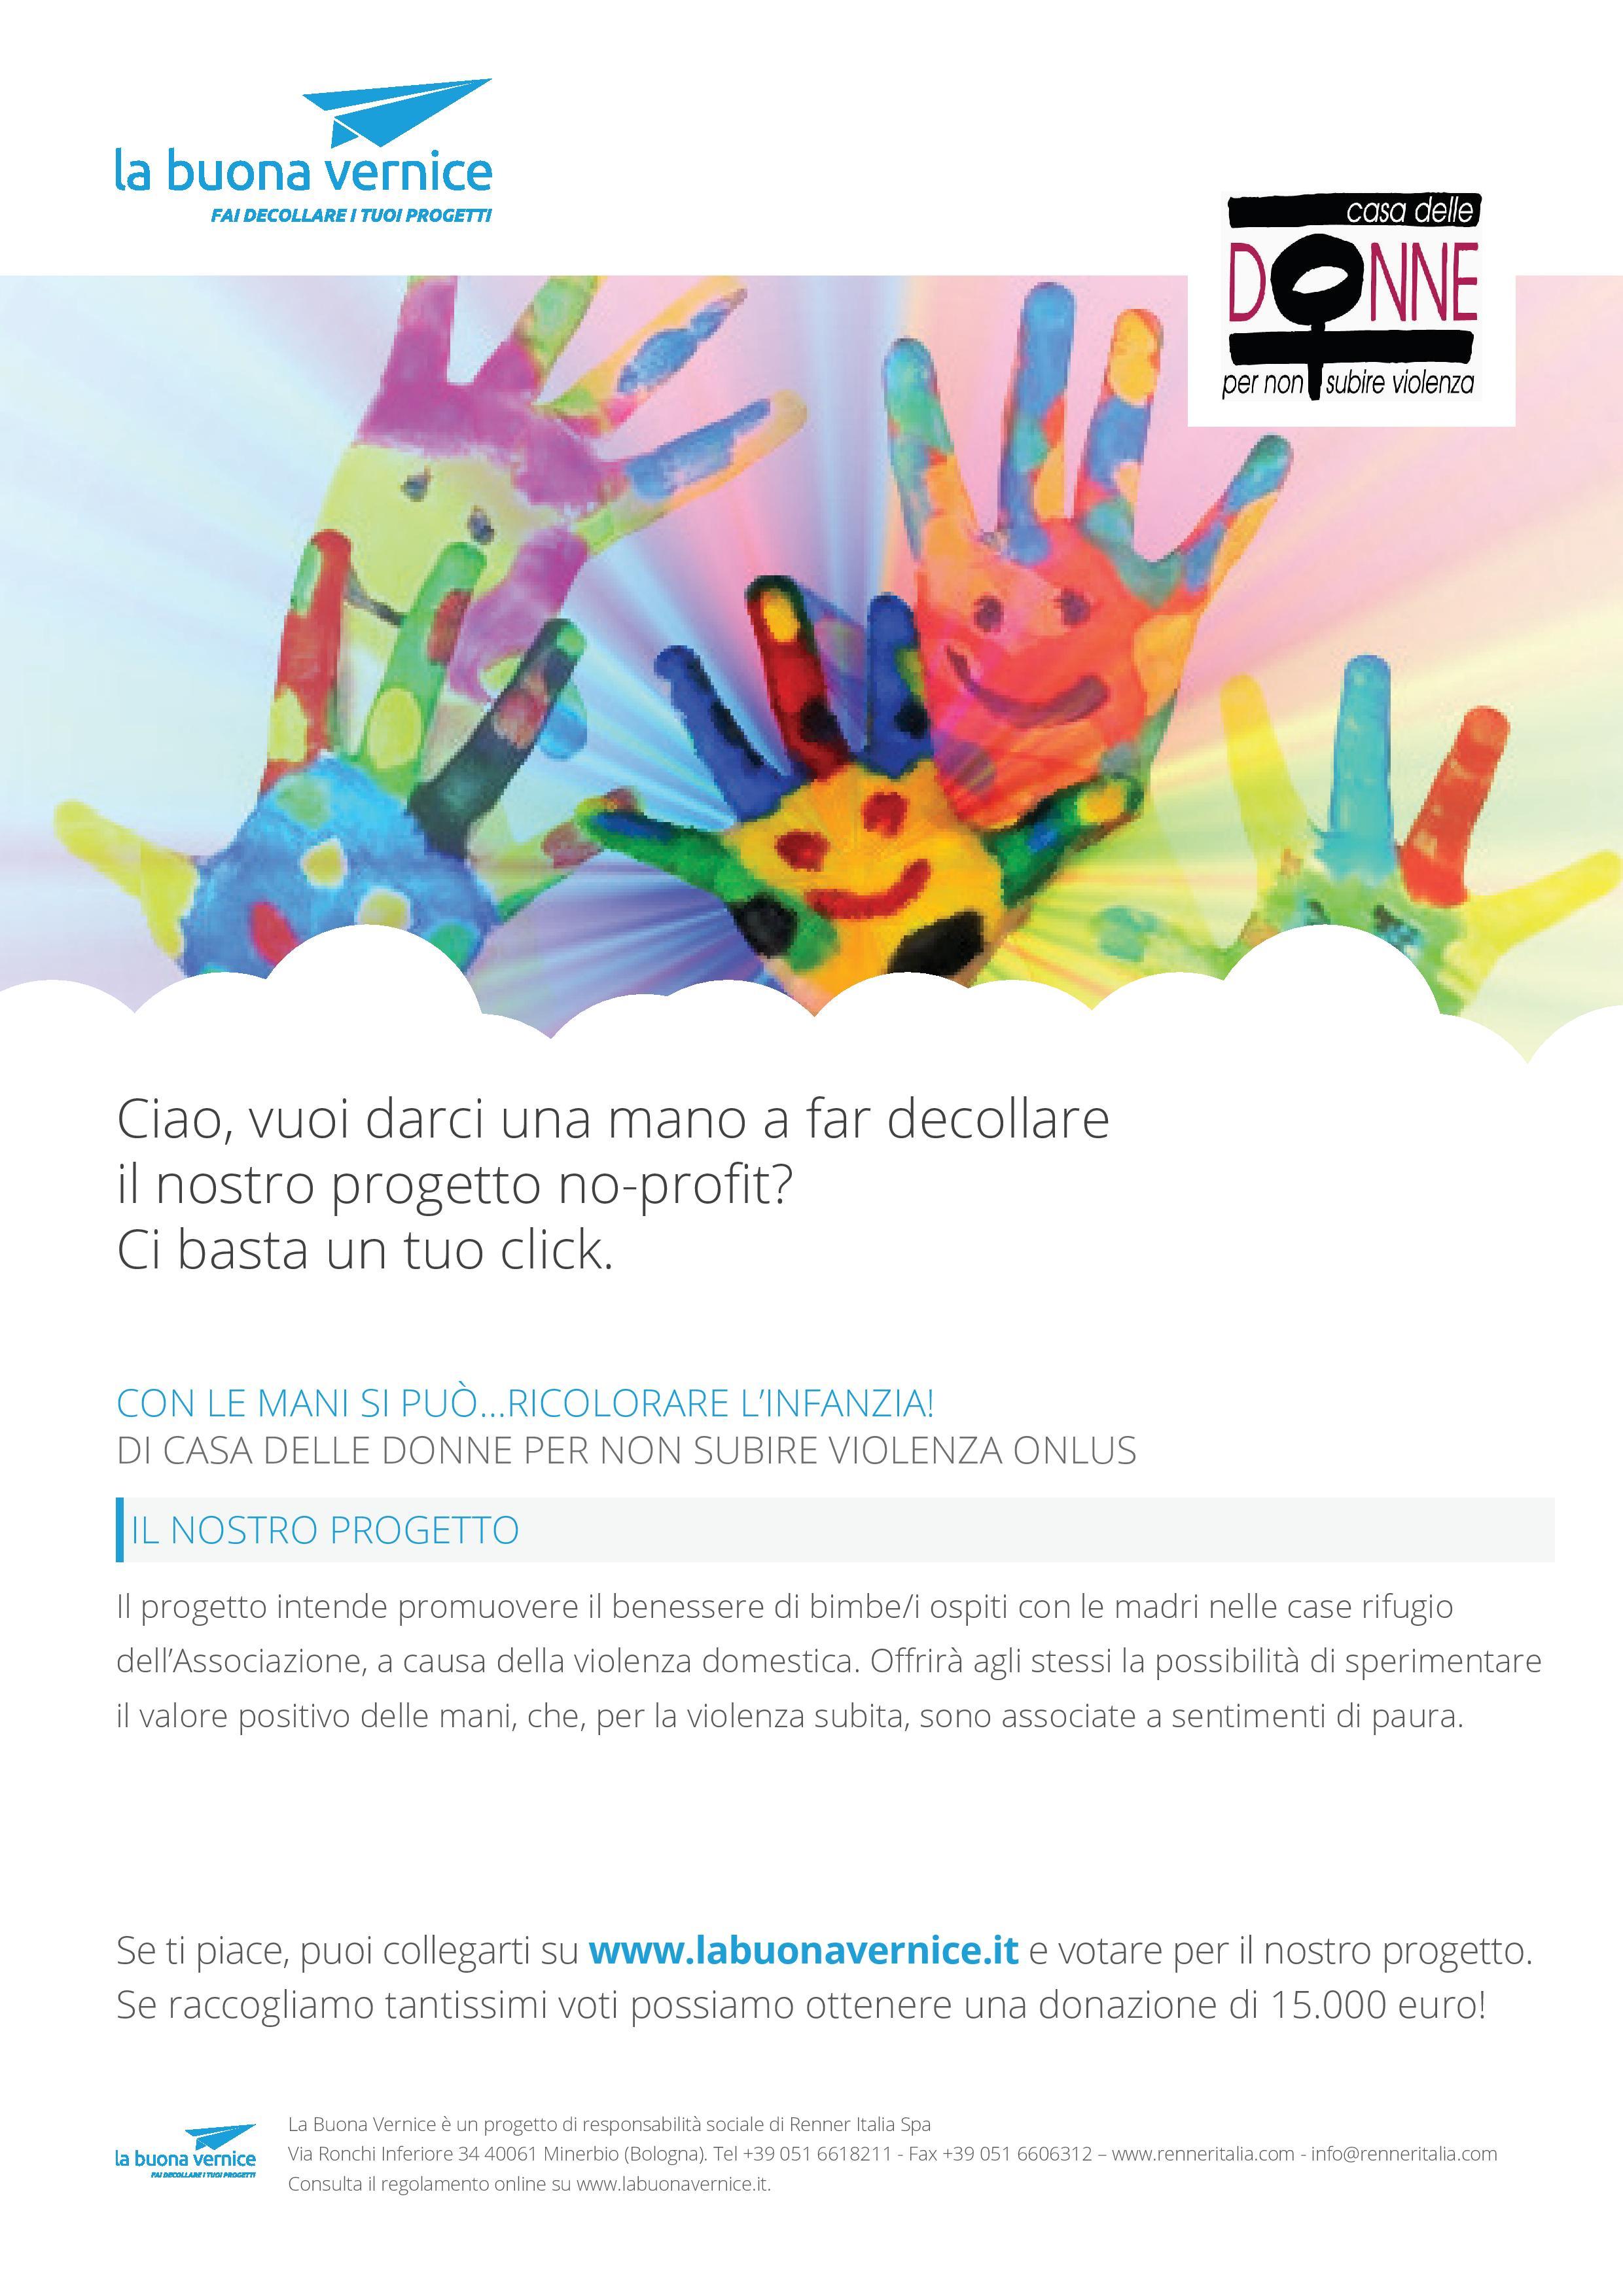 Con le mani si può ricolorare l'infanzia – sostieni il progetto con un click!